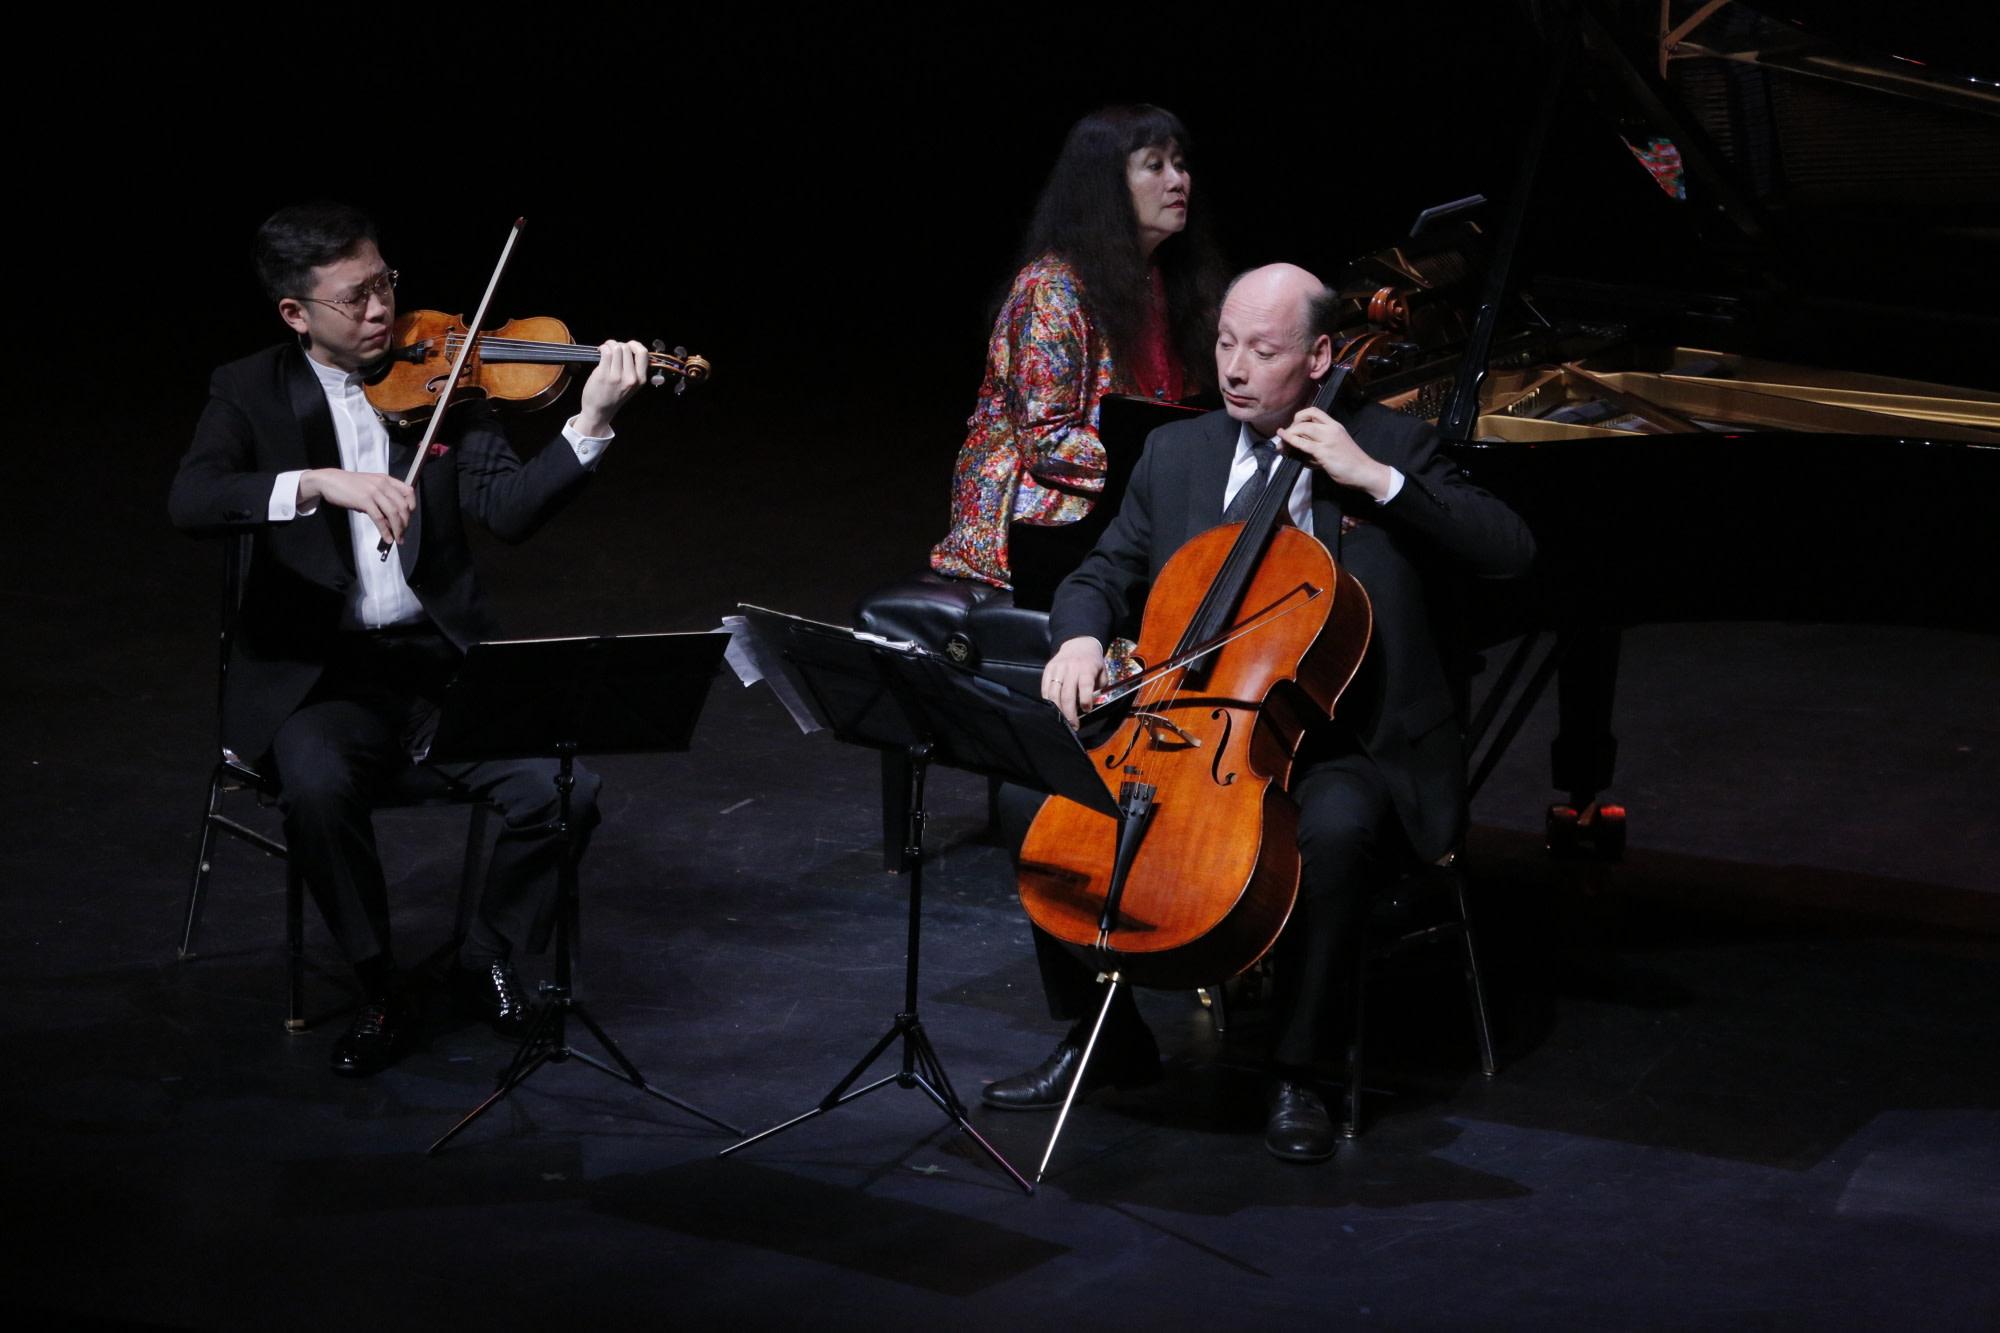 Paul Huang, Wu Han, Clive Greensmith